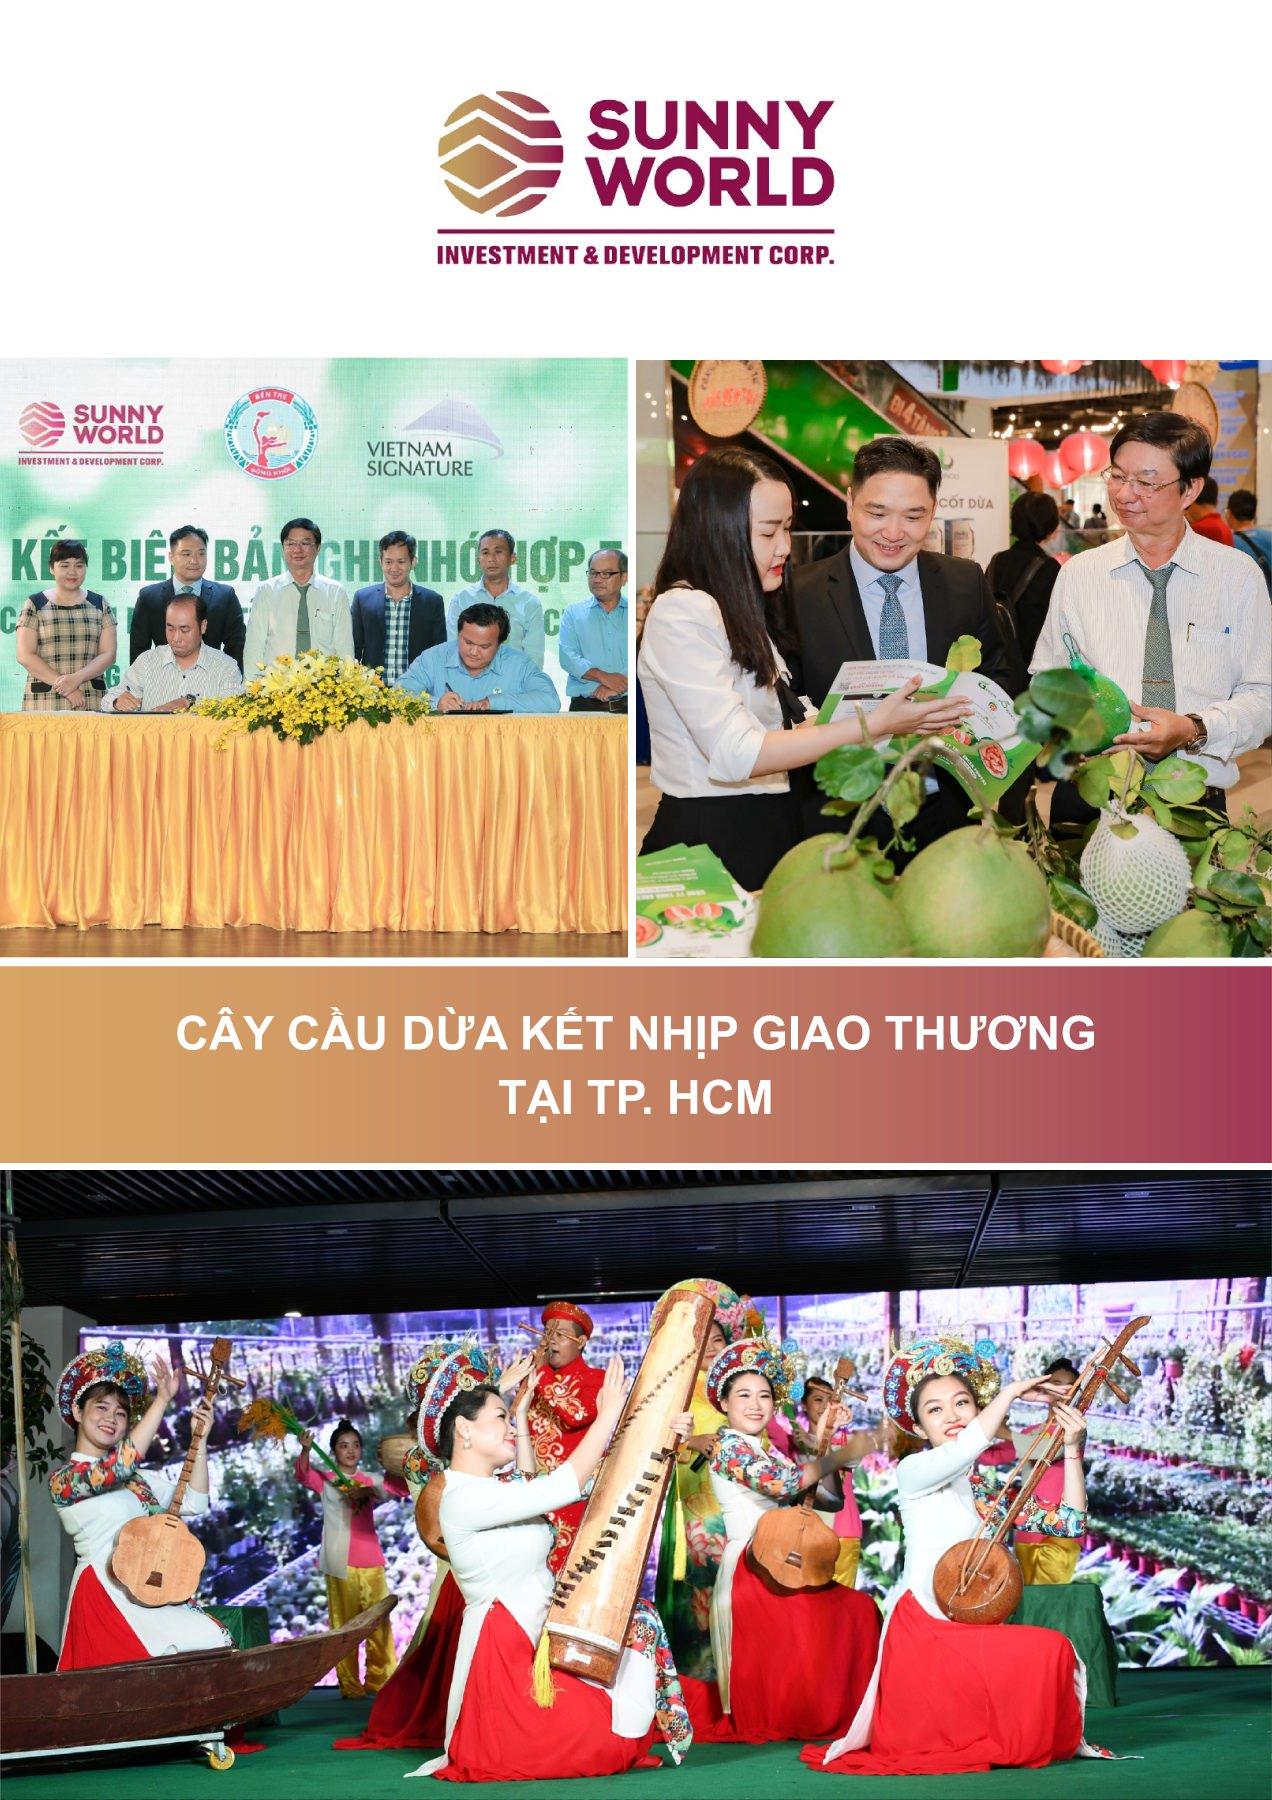 Dịch thuật tài liệu Anh - Việt chuyên nghiệp